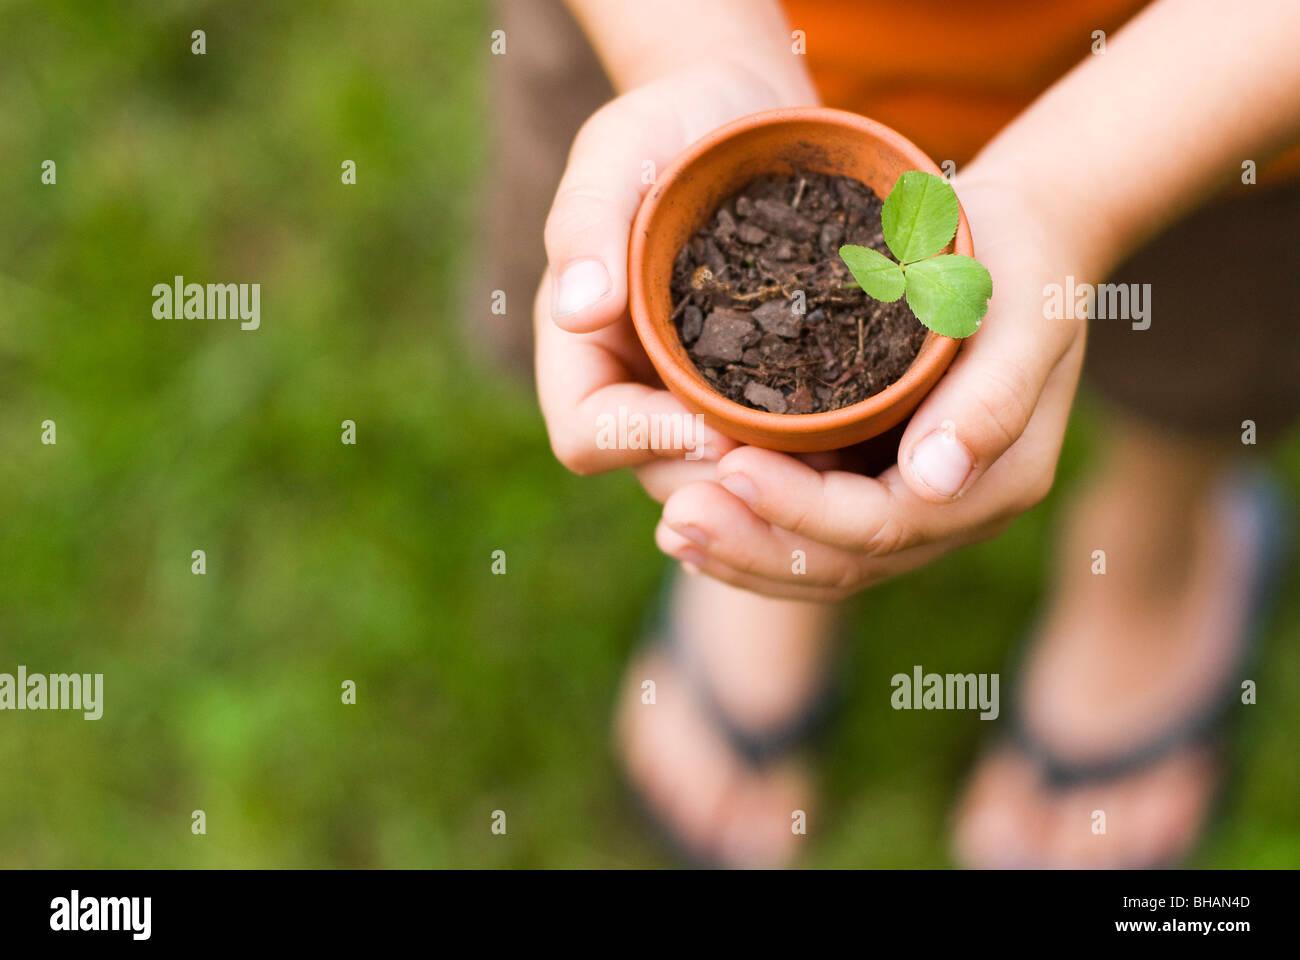 Boy Holding Topfpflanzen Pflanze Stockbild